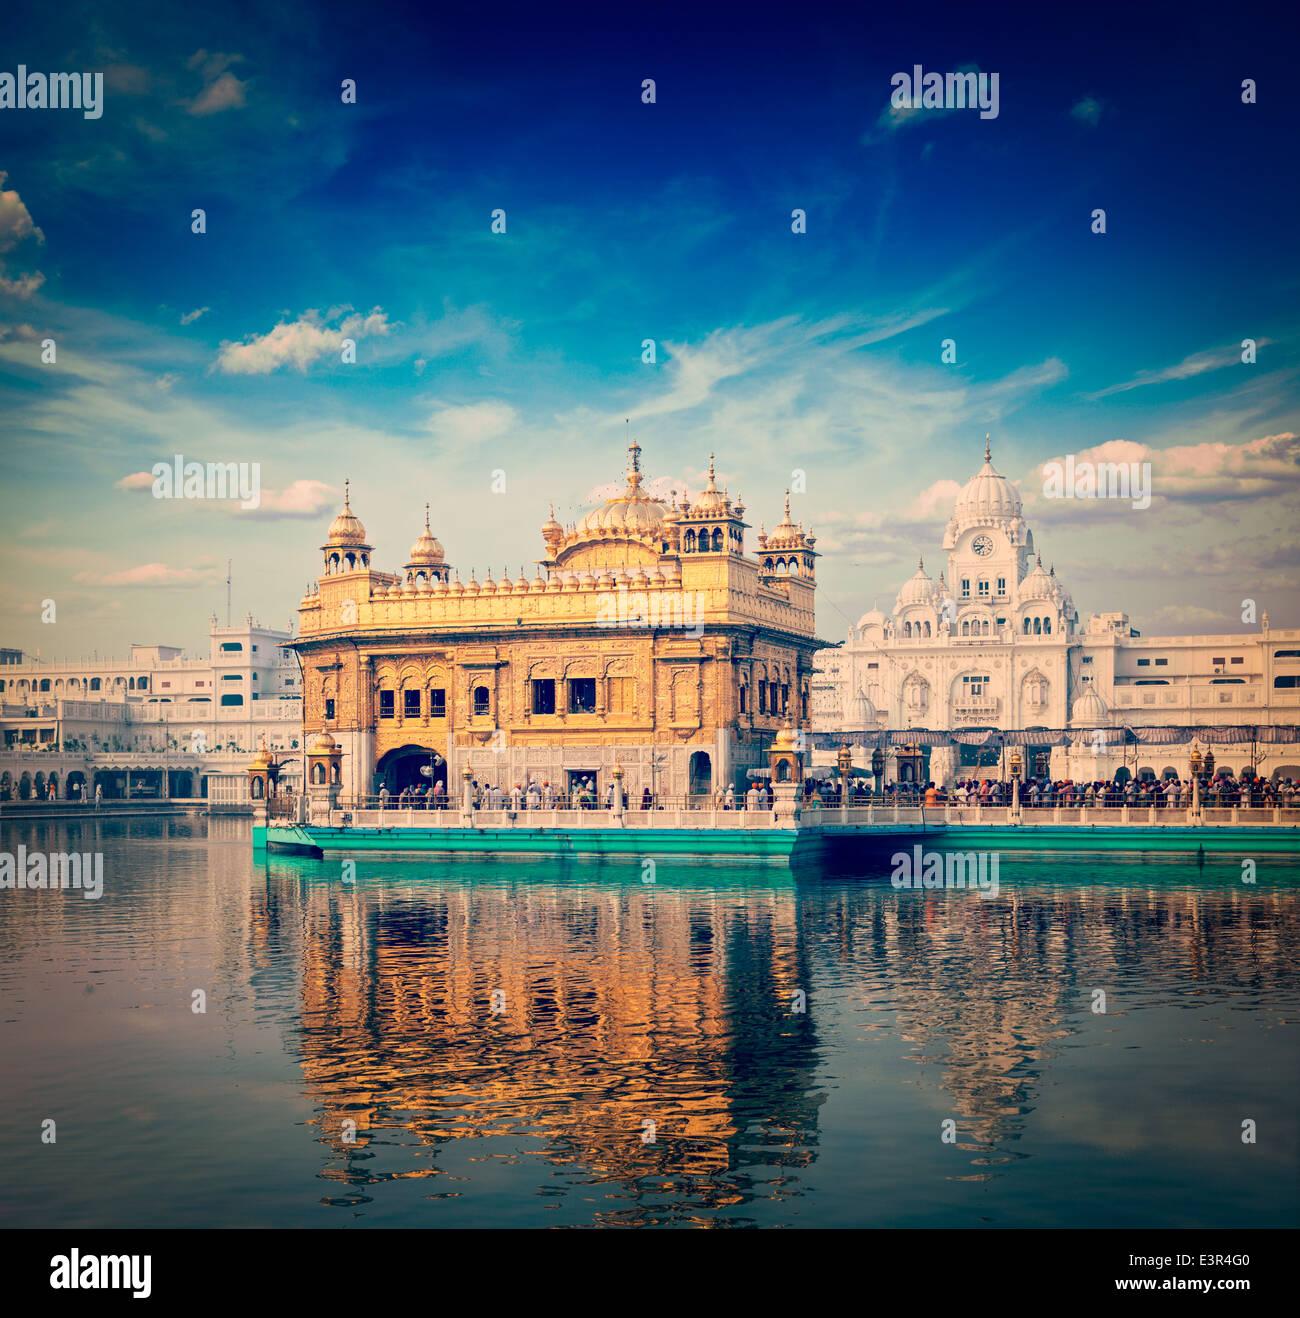 Vintage Retro estilo HIPSTER imagen viajes de India famosa atracción gurdwara Sikh Templo Dorado (Harmandir Imagen De Stock